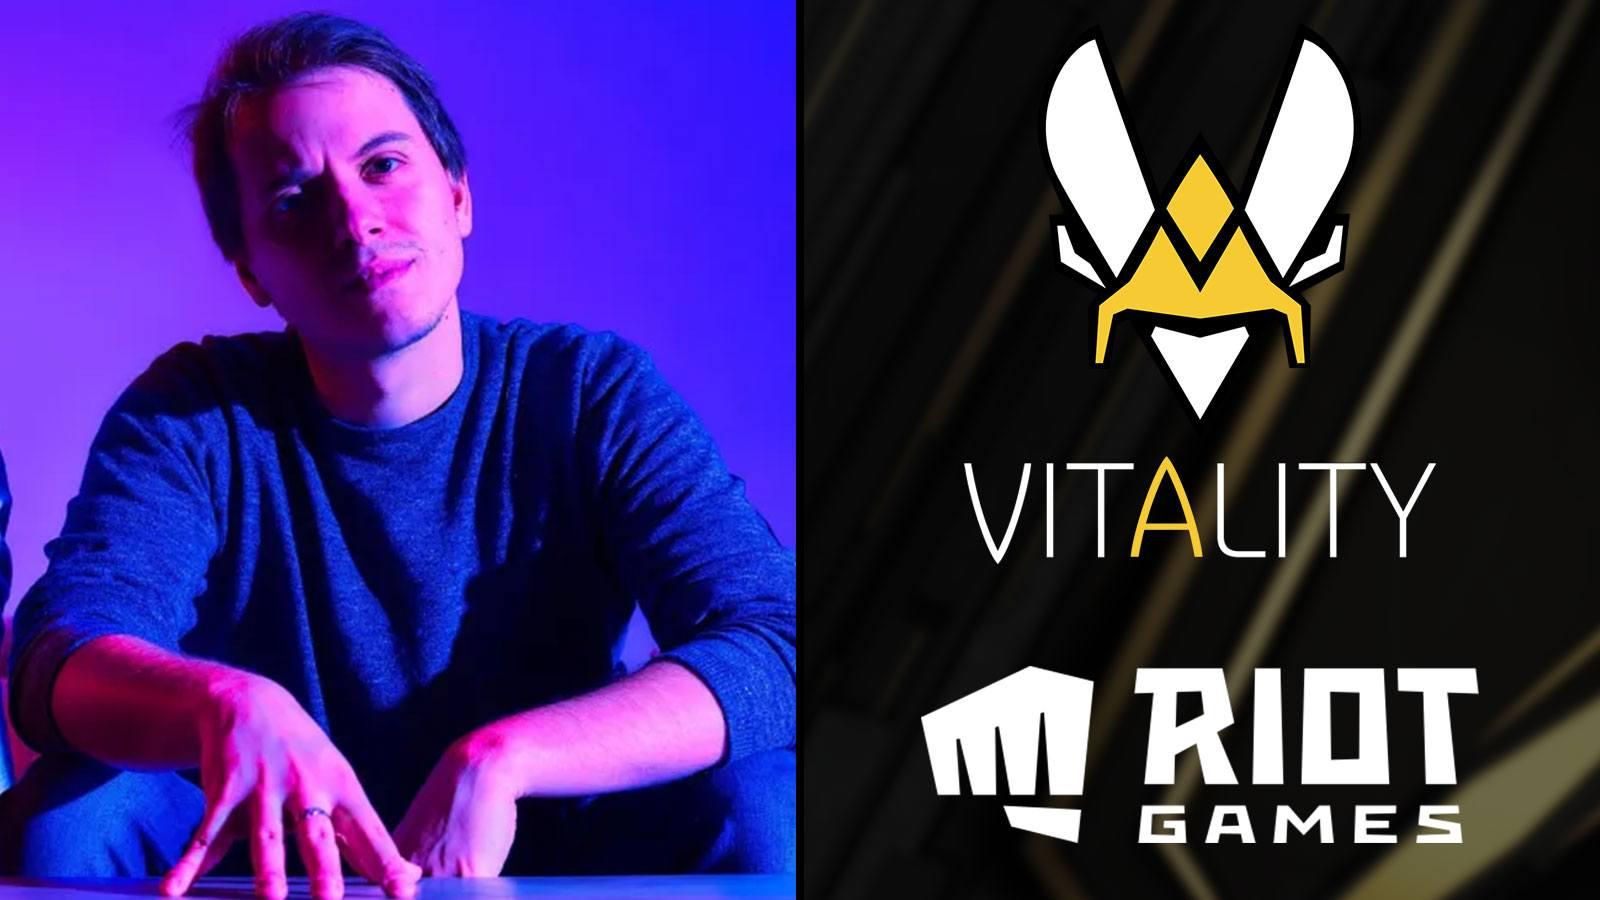 Neo, fondateur et directeur de Team Vitality